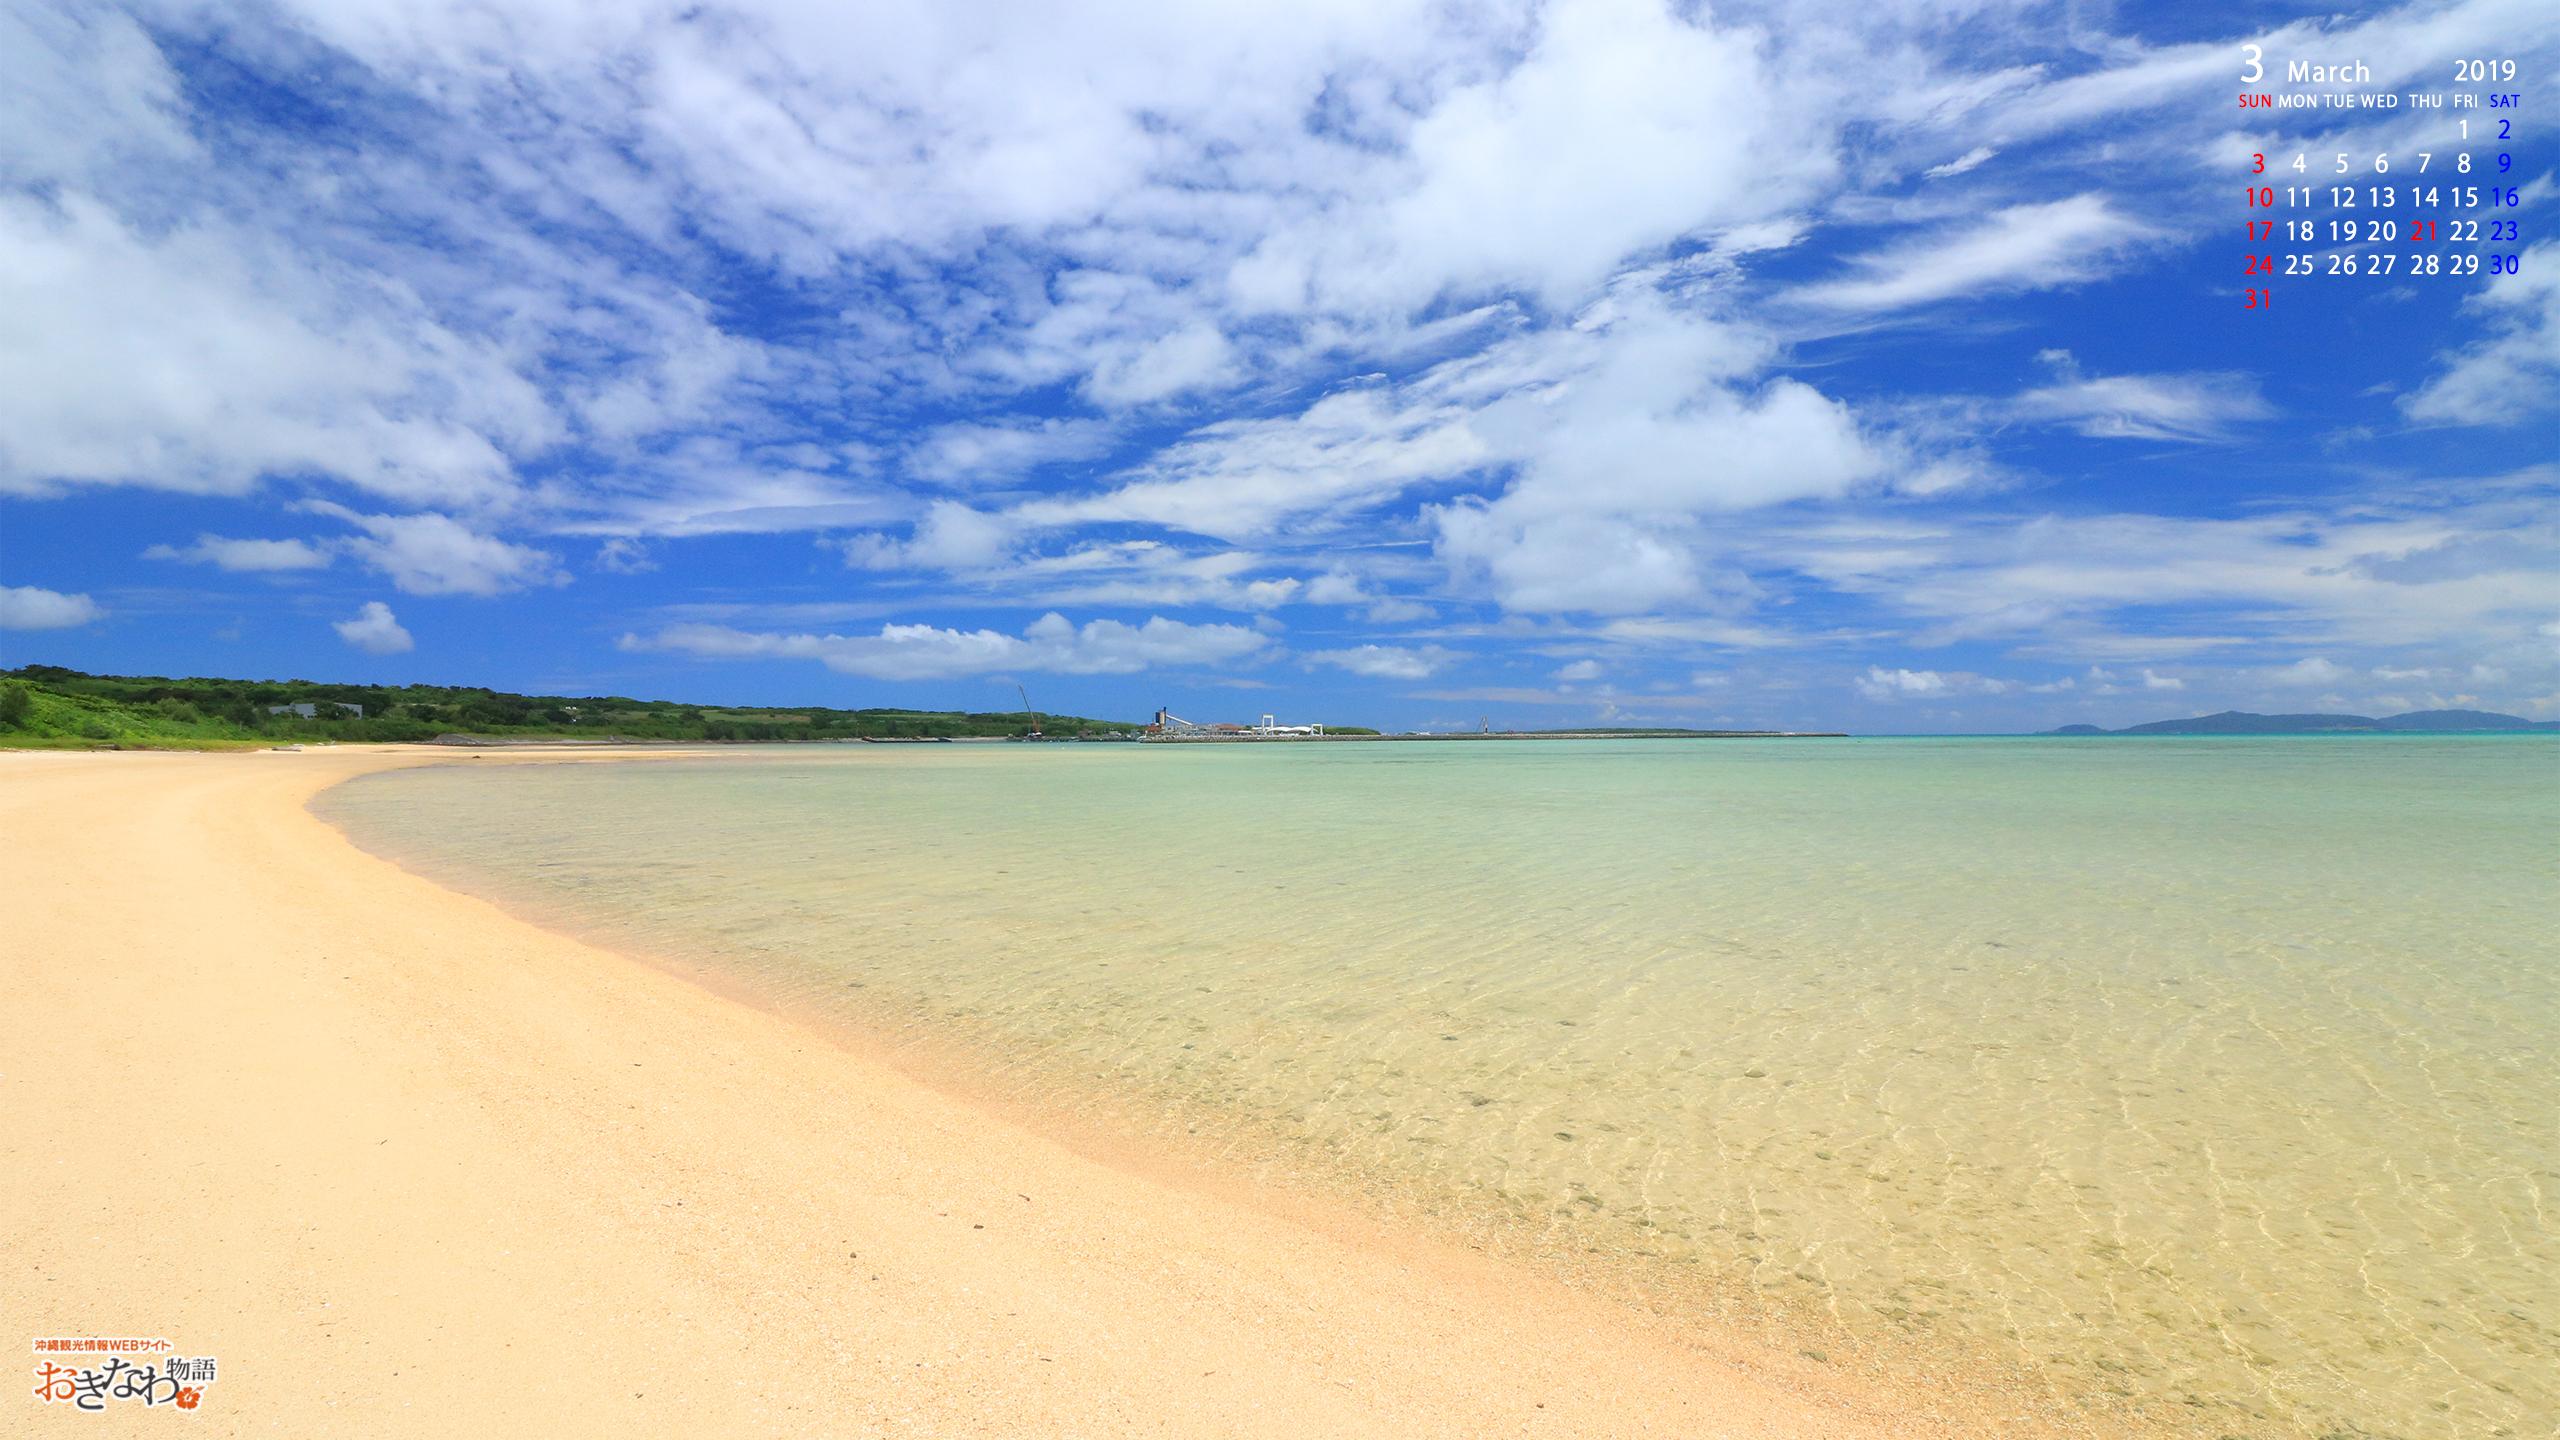 3月の壁紙カレンダー お知らせ トピックス 沖縄観光情報webサイト